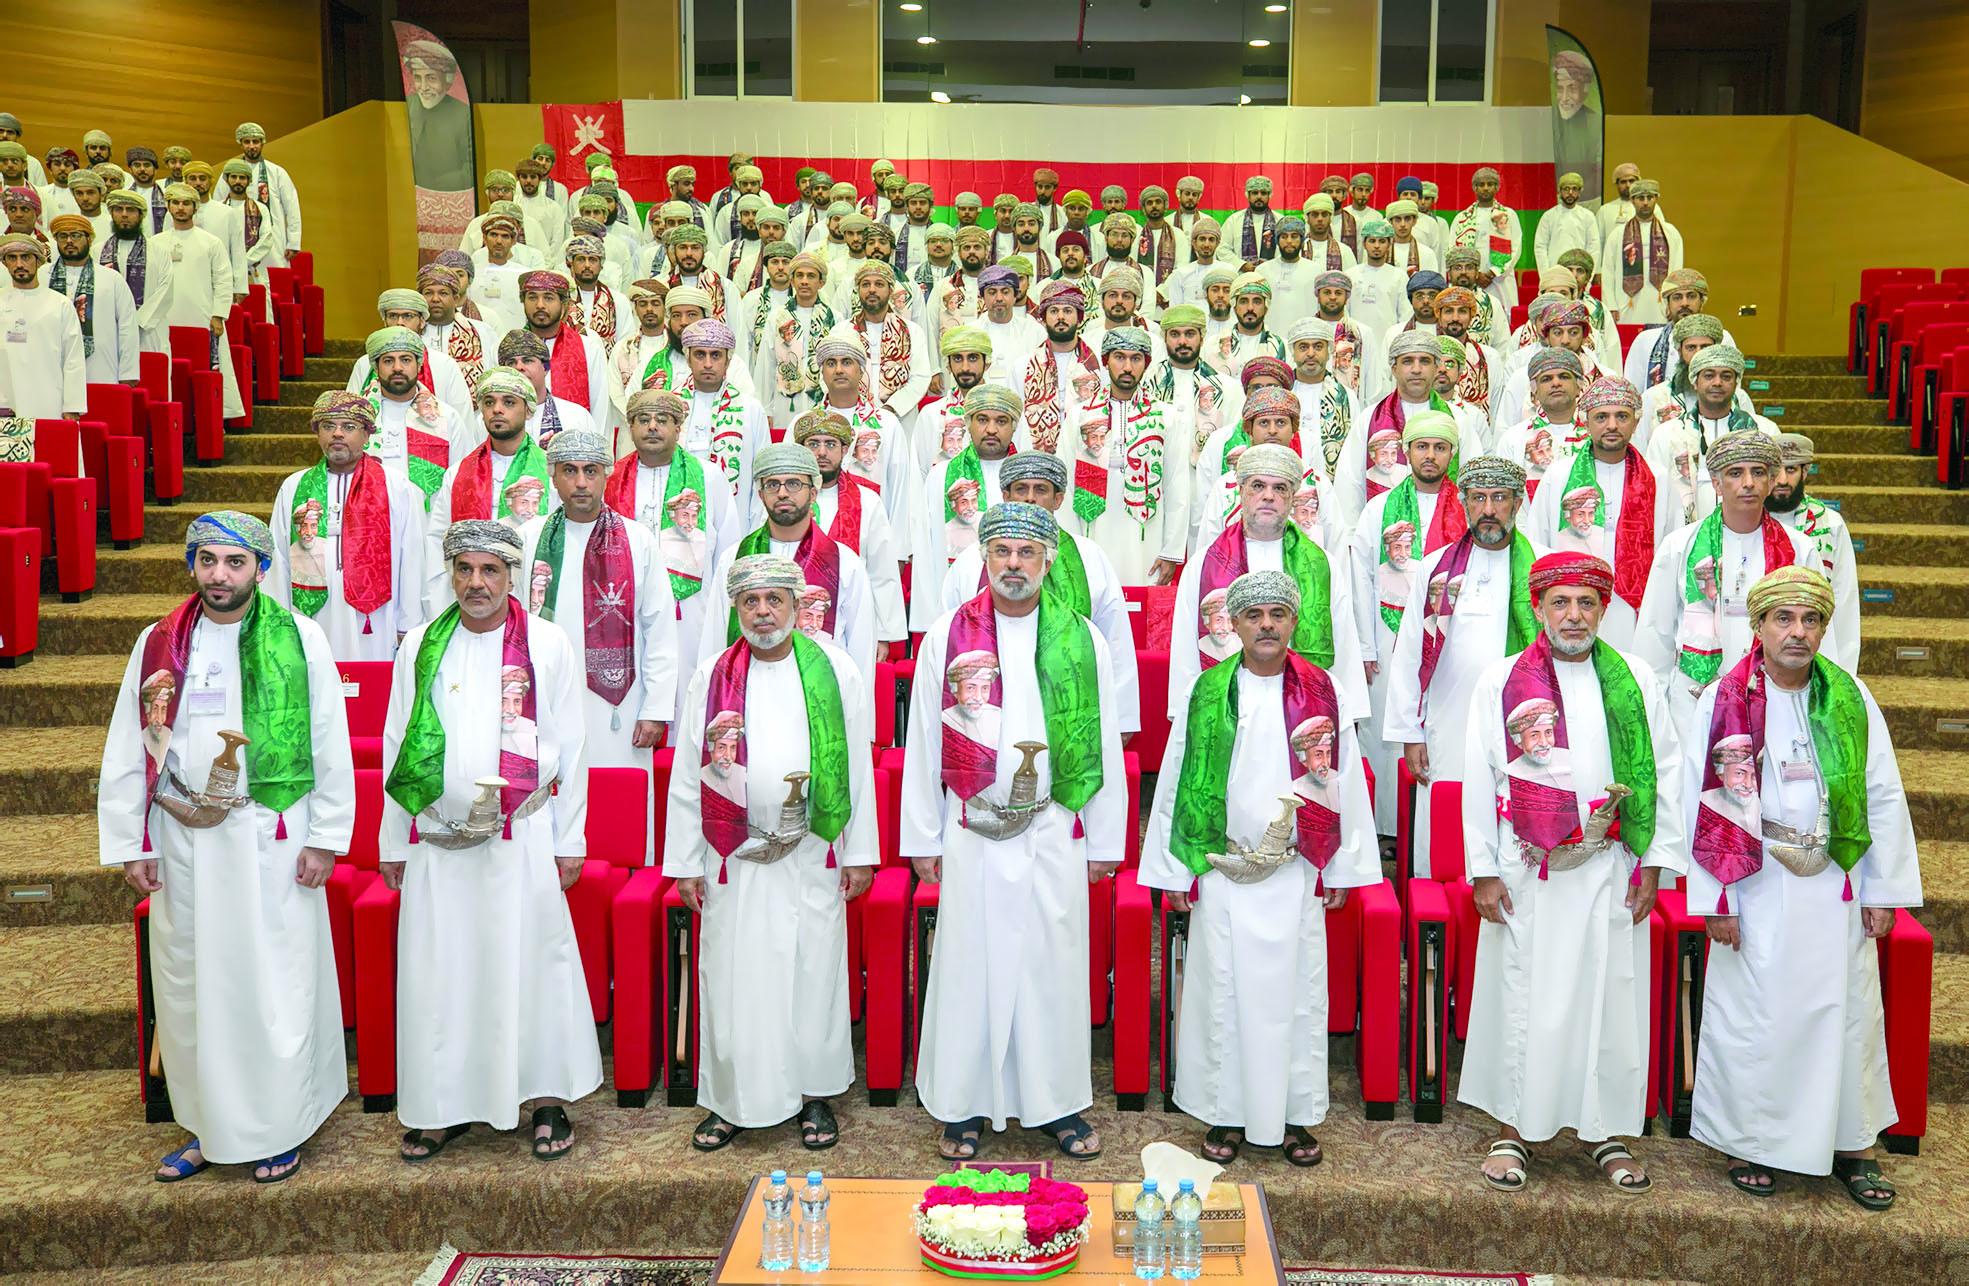 جهاز الرقابة المالية والإدارية للدولة يحتفل بمناسبة العيد الوطني